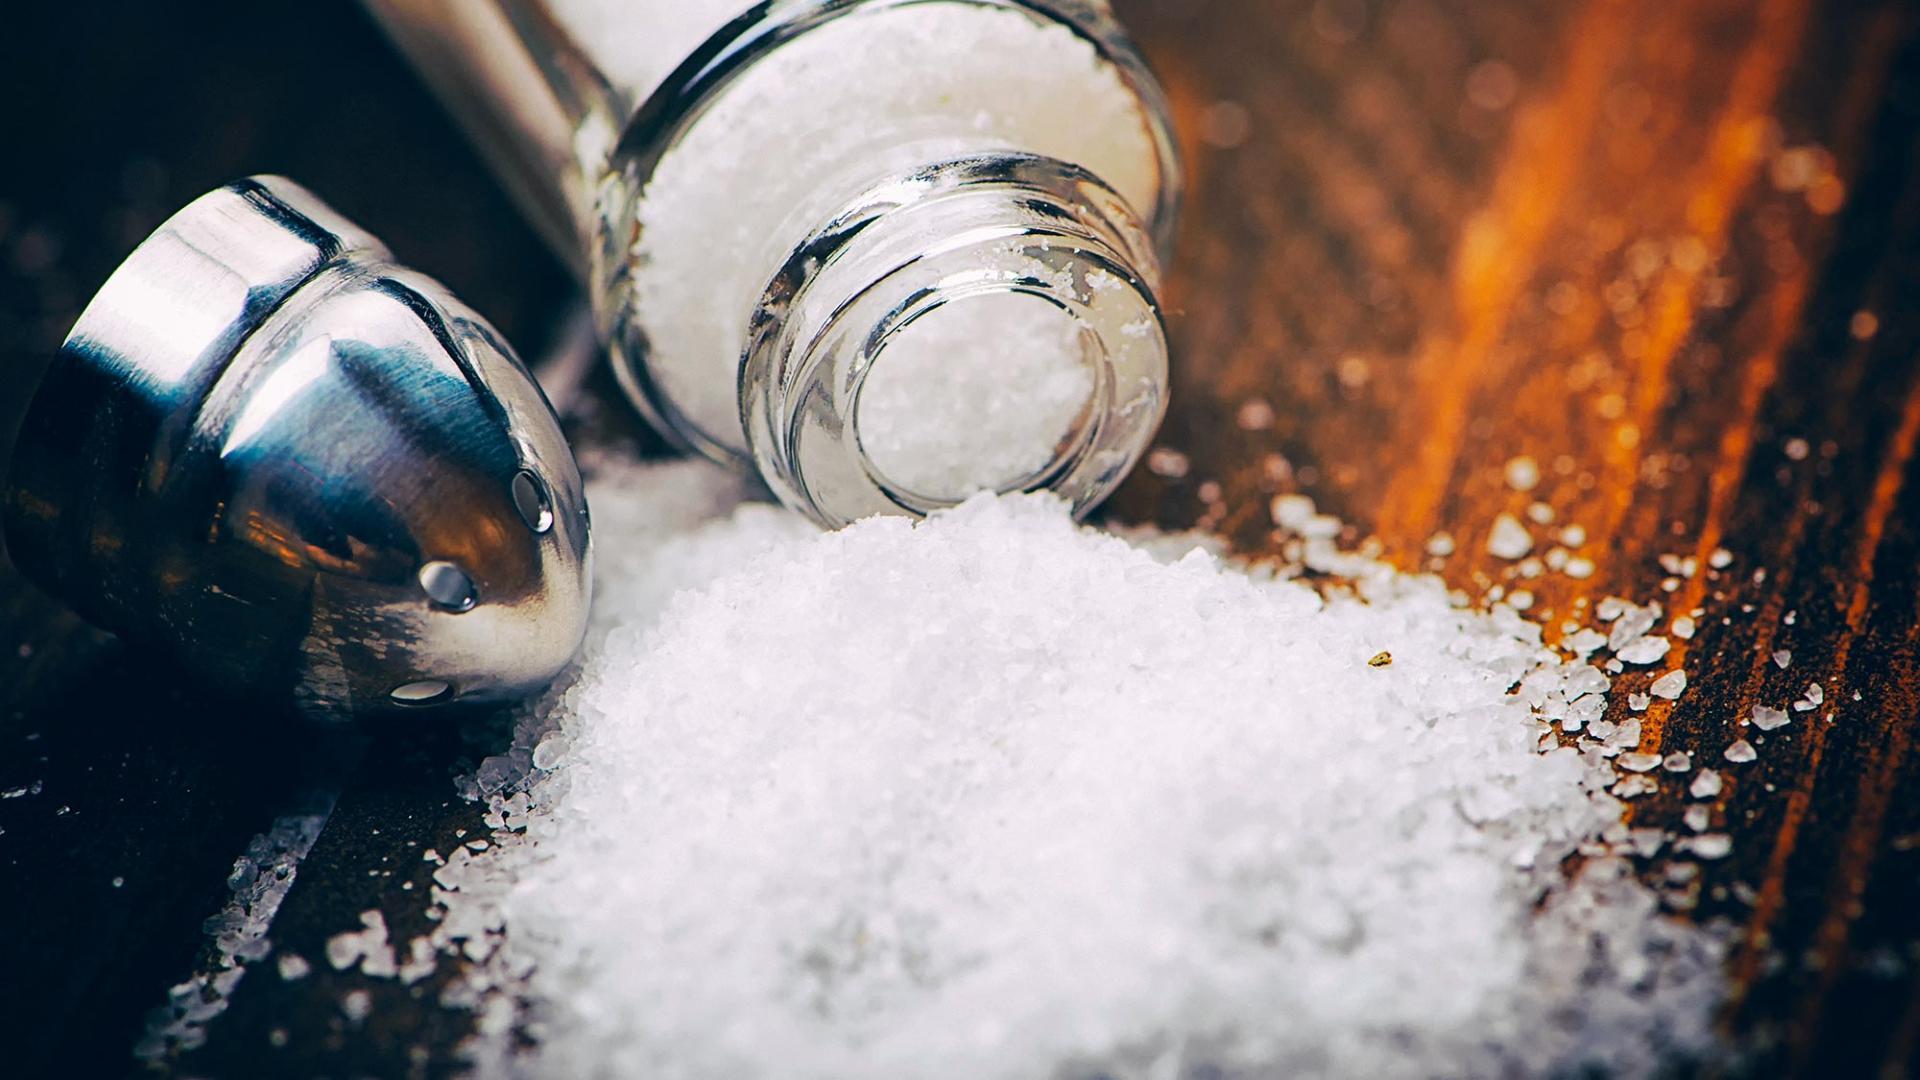 Диета с высоким содержанием соли снизила иммунитет